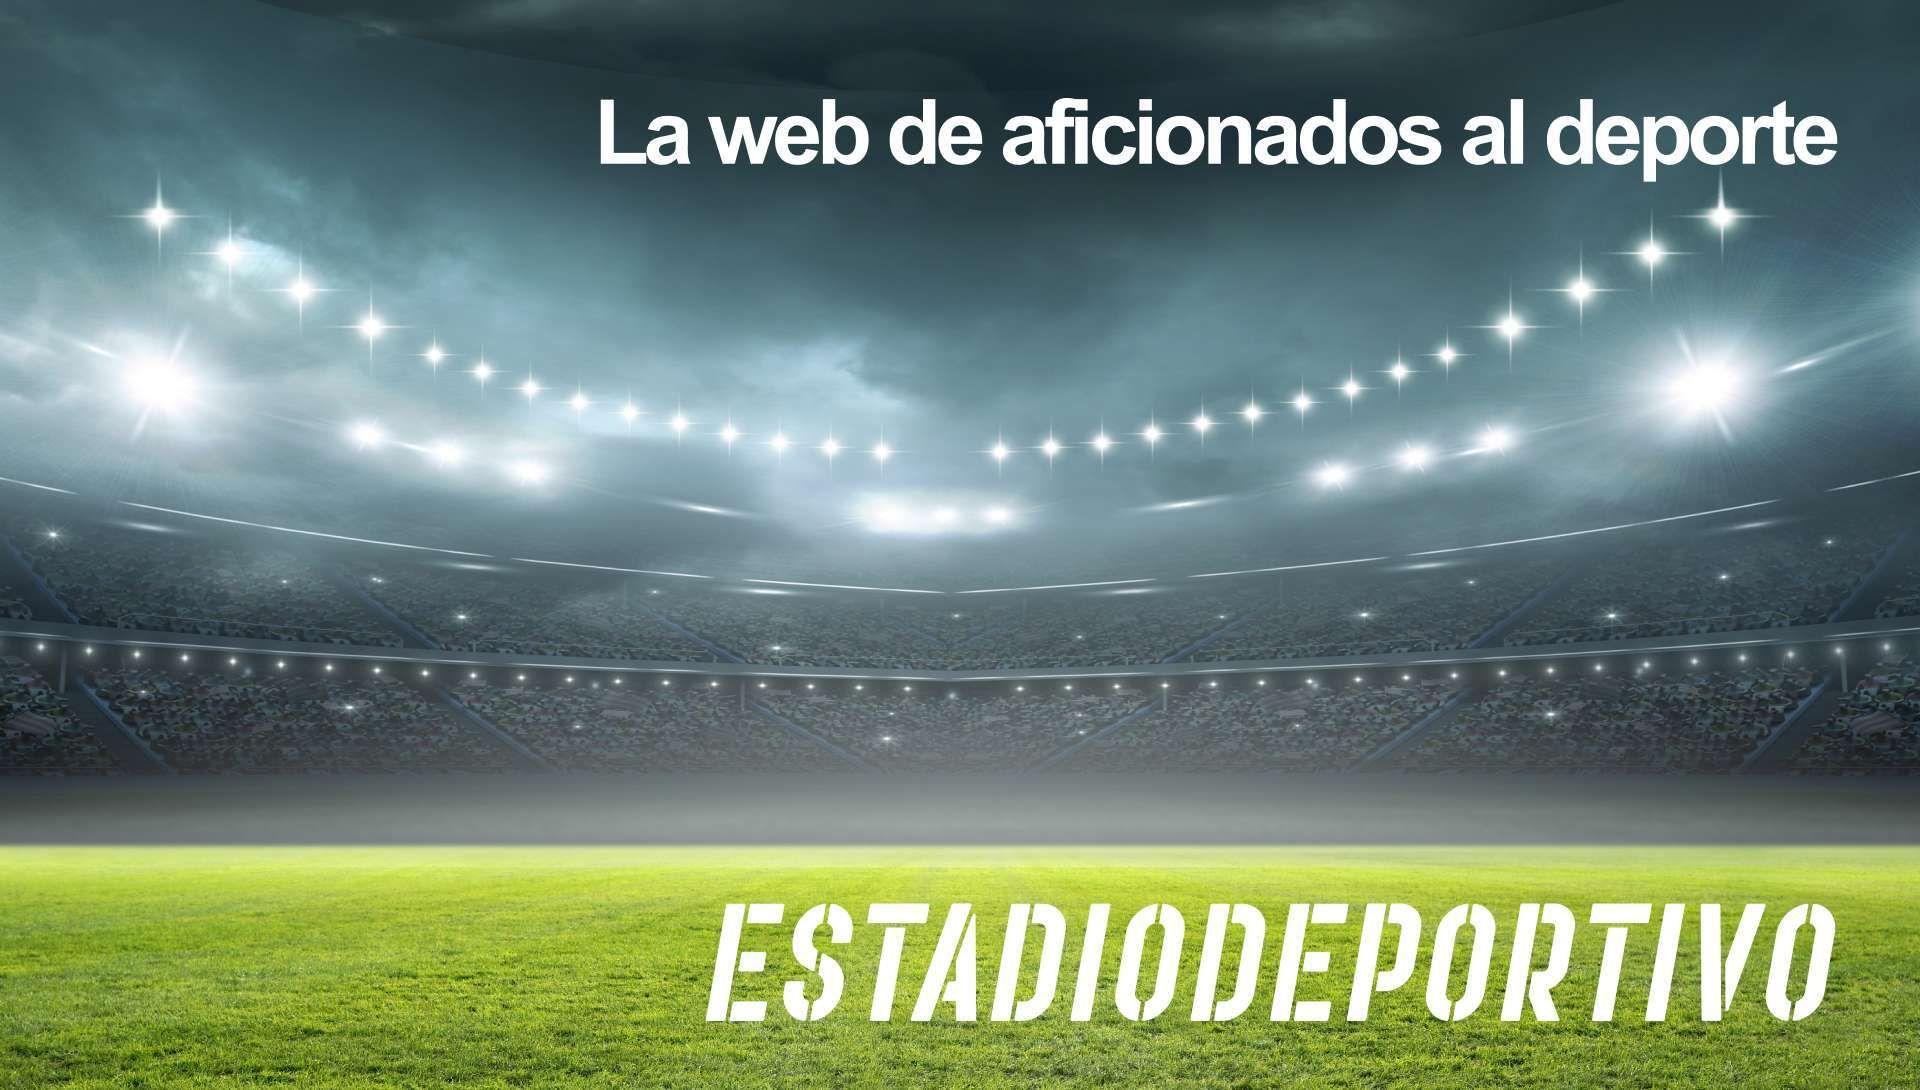 Las portadas del lunes 5 de abril